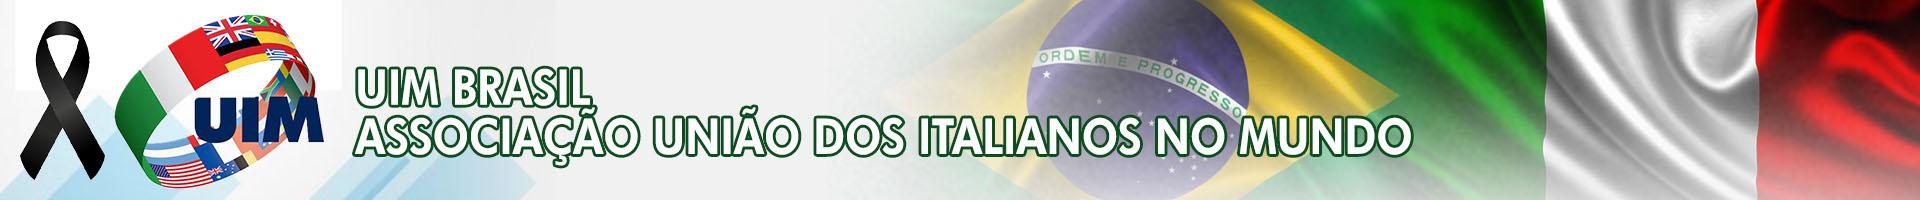 UIM Brasil - Associação União dos Italianos no Mundo